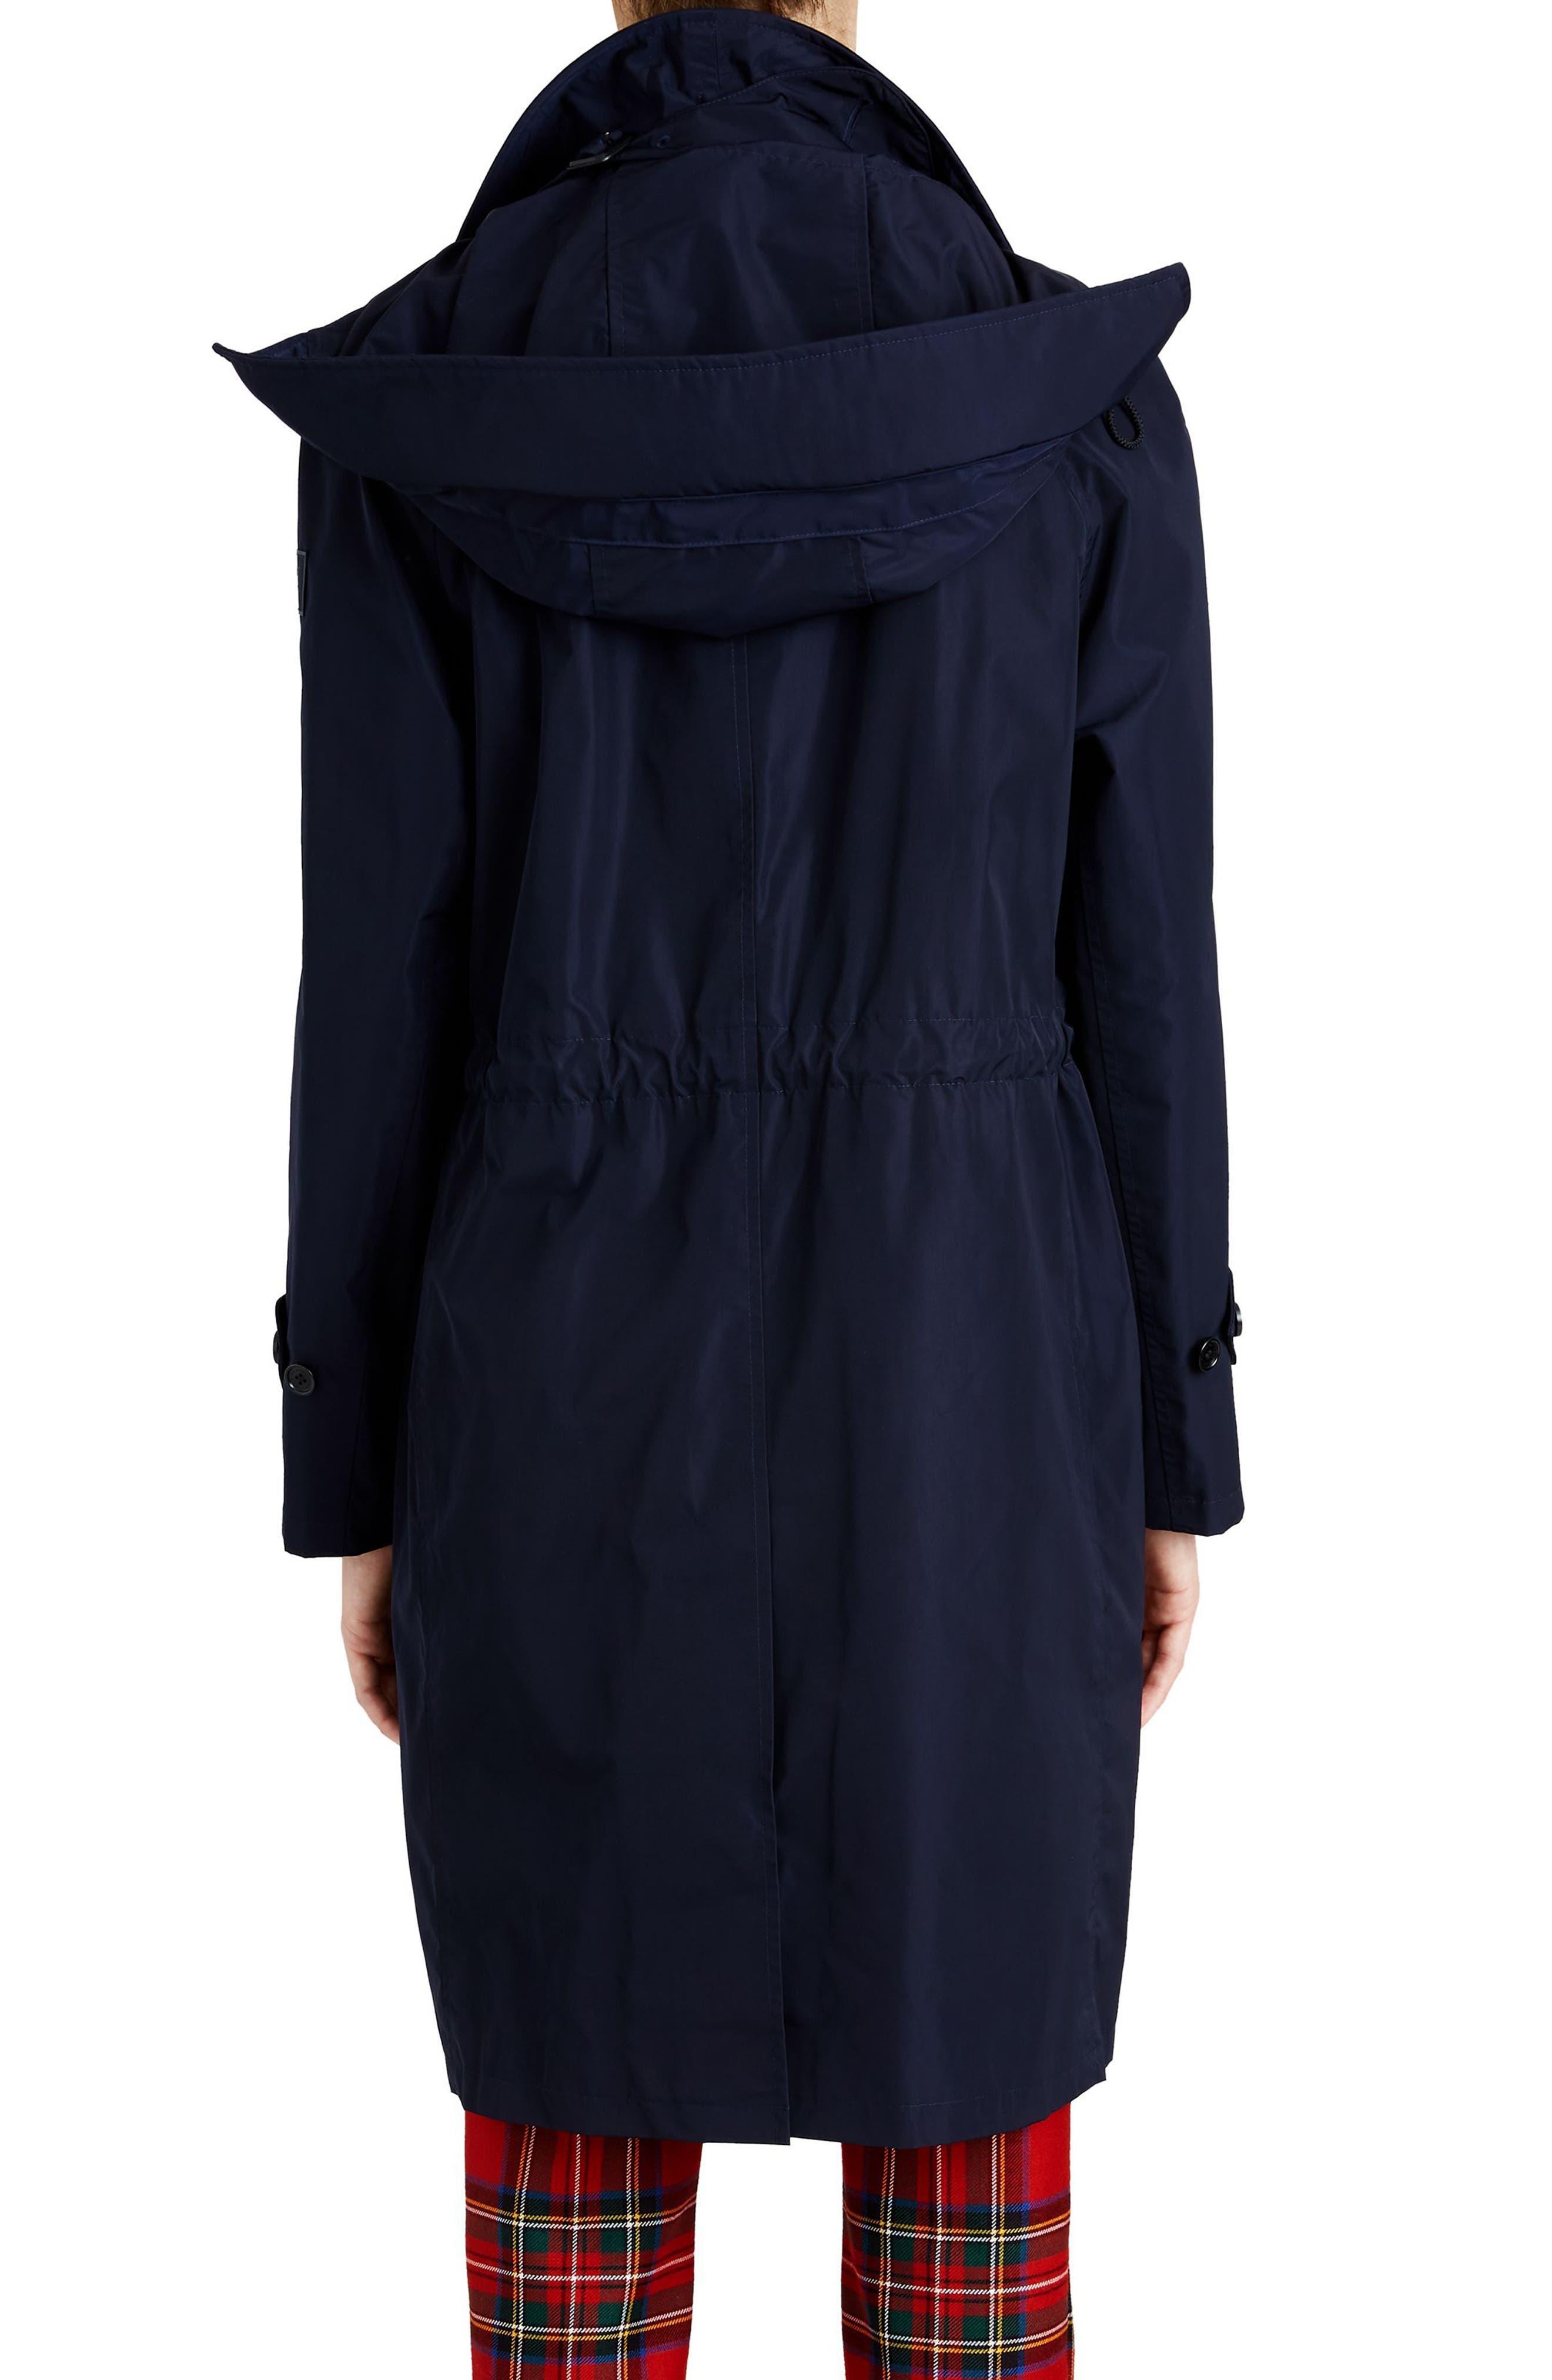 Tringford Waterproof Hooded Coat,                             Alternate thumbnail 2, color,                             NAVY